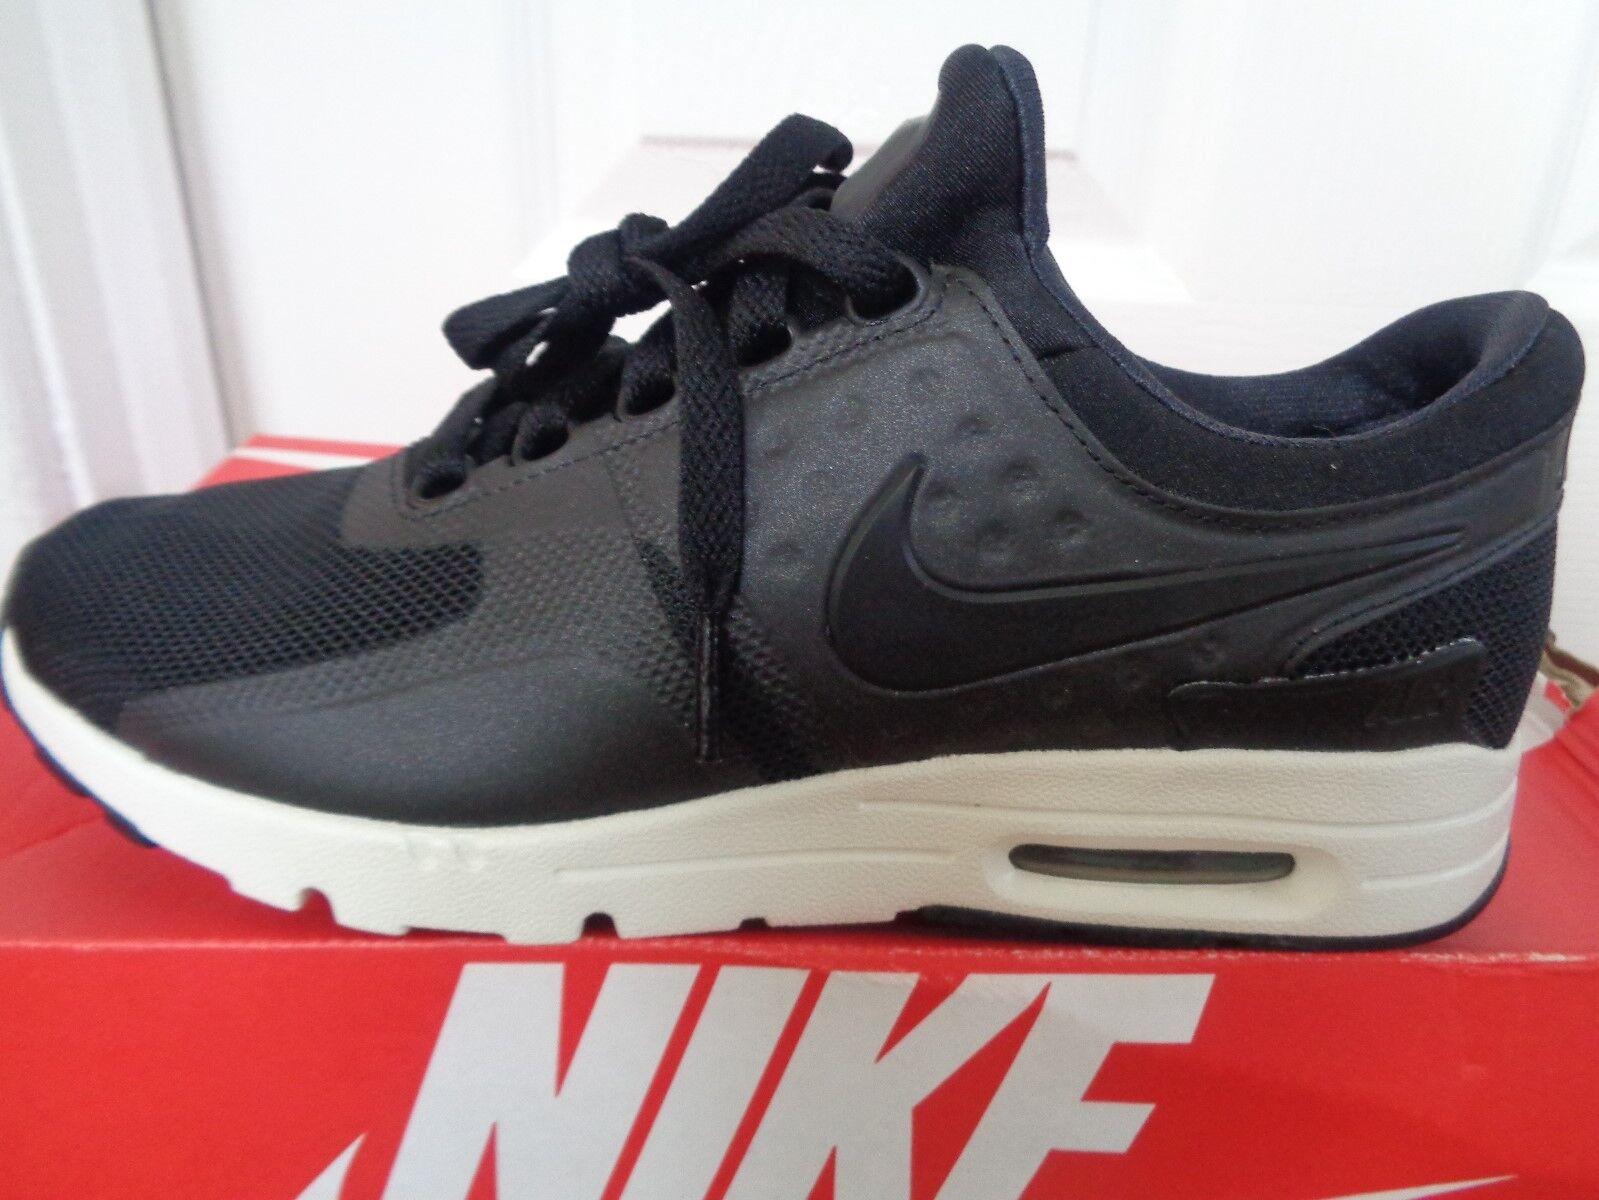 Nike Air Max Scarpe Scarpe Scarpe Da Ginnastica WMNS ZERO 857661 002 EU 38 US 7 Nuovo + Scatola | Ogni articolo descritto è disponibile  | Di Progettazione Professionale  | Prestazioni Superiori  0b160c